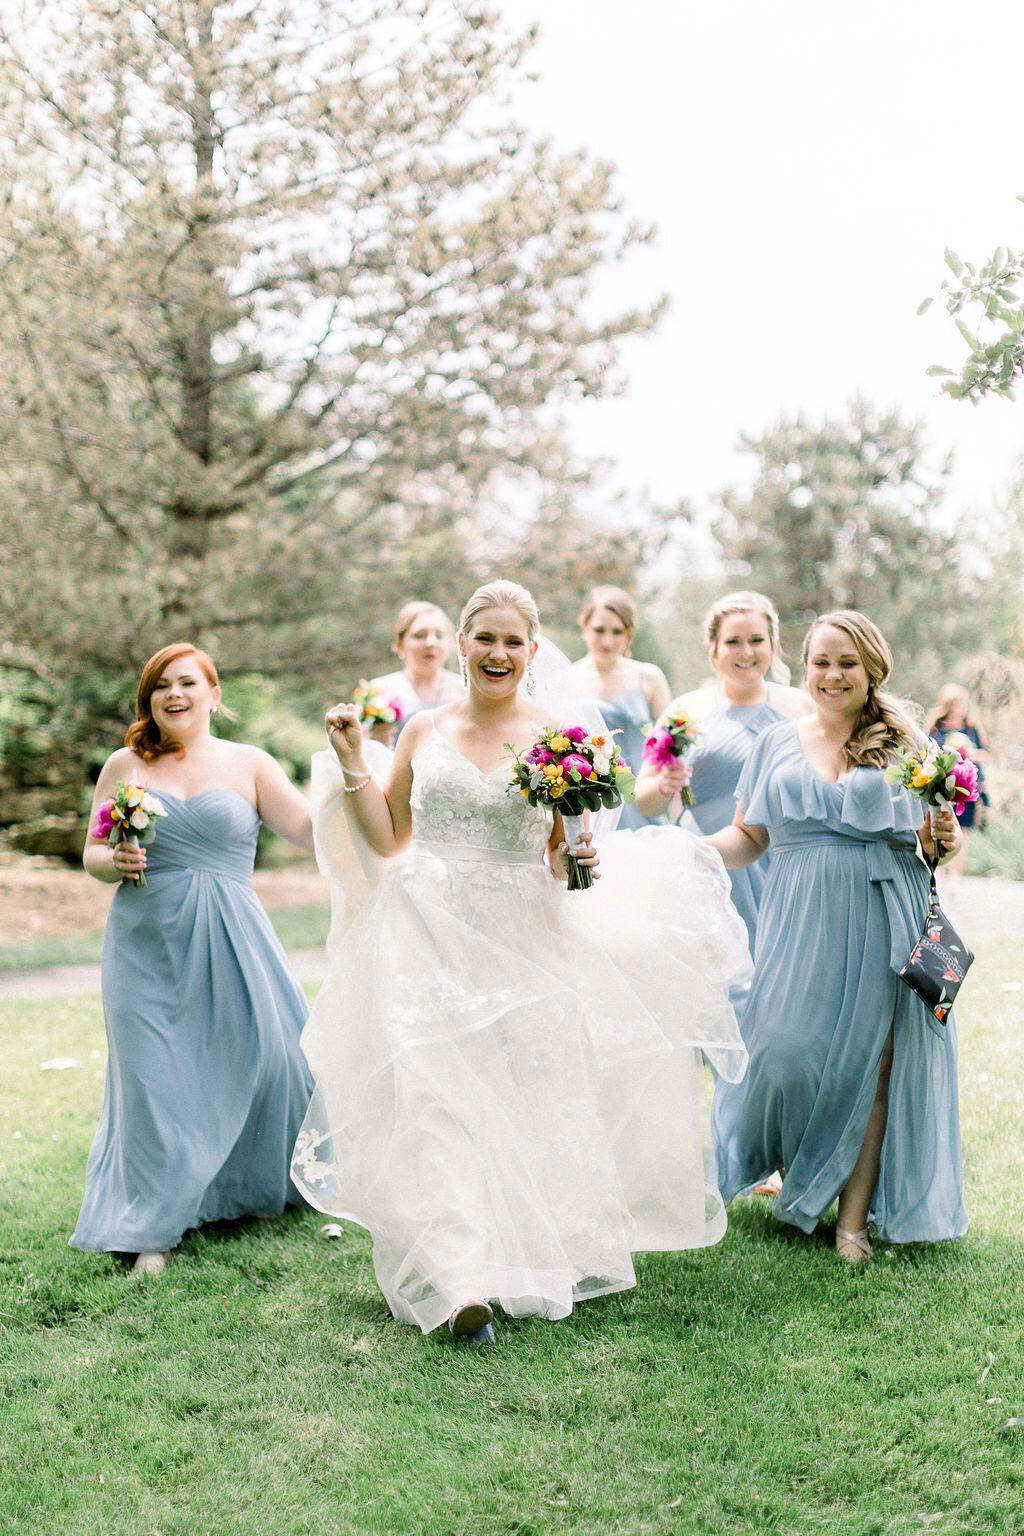 Madison Wedding Flowers - Florist 6.jpg